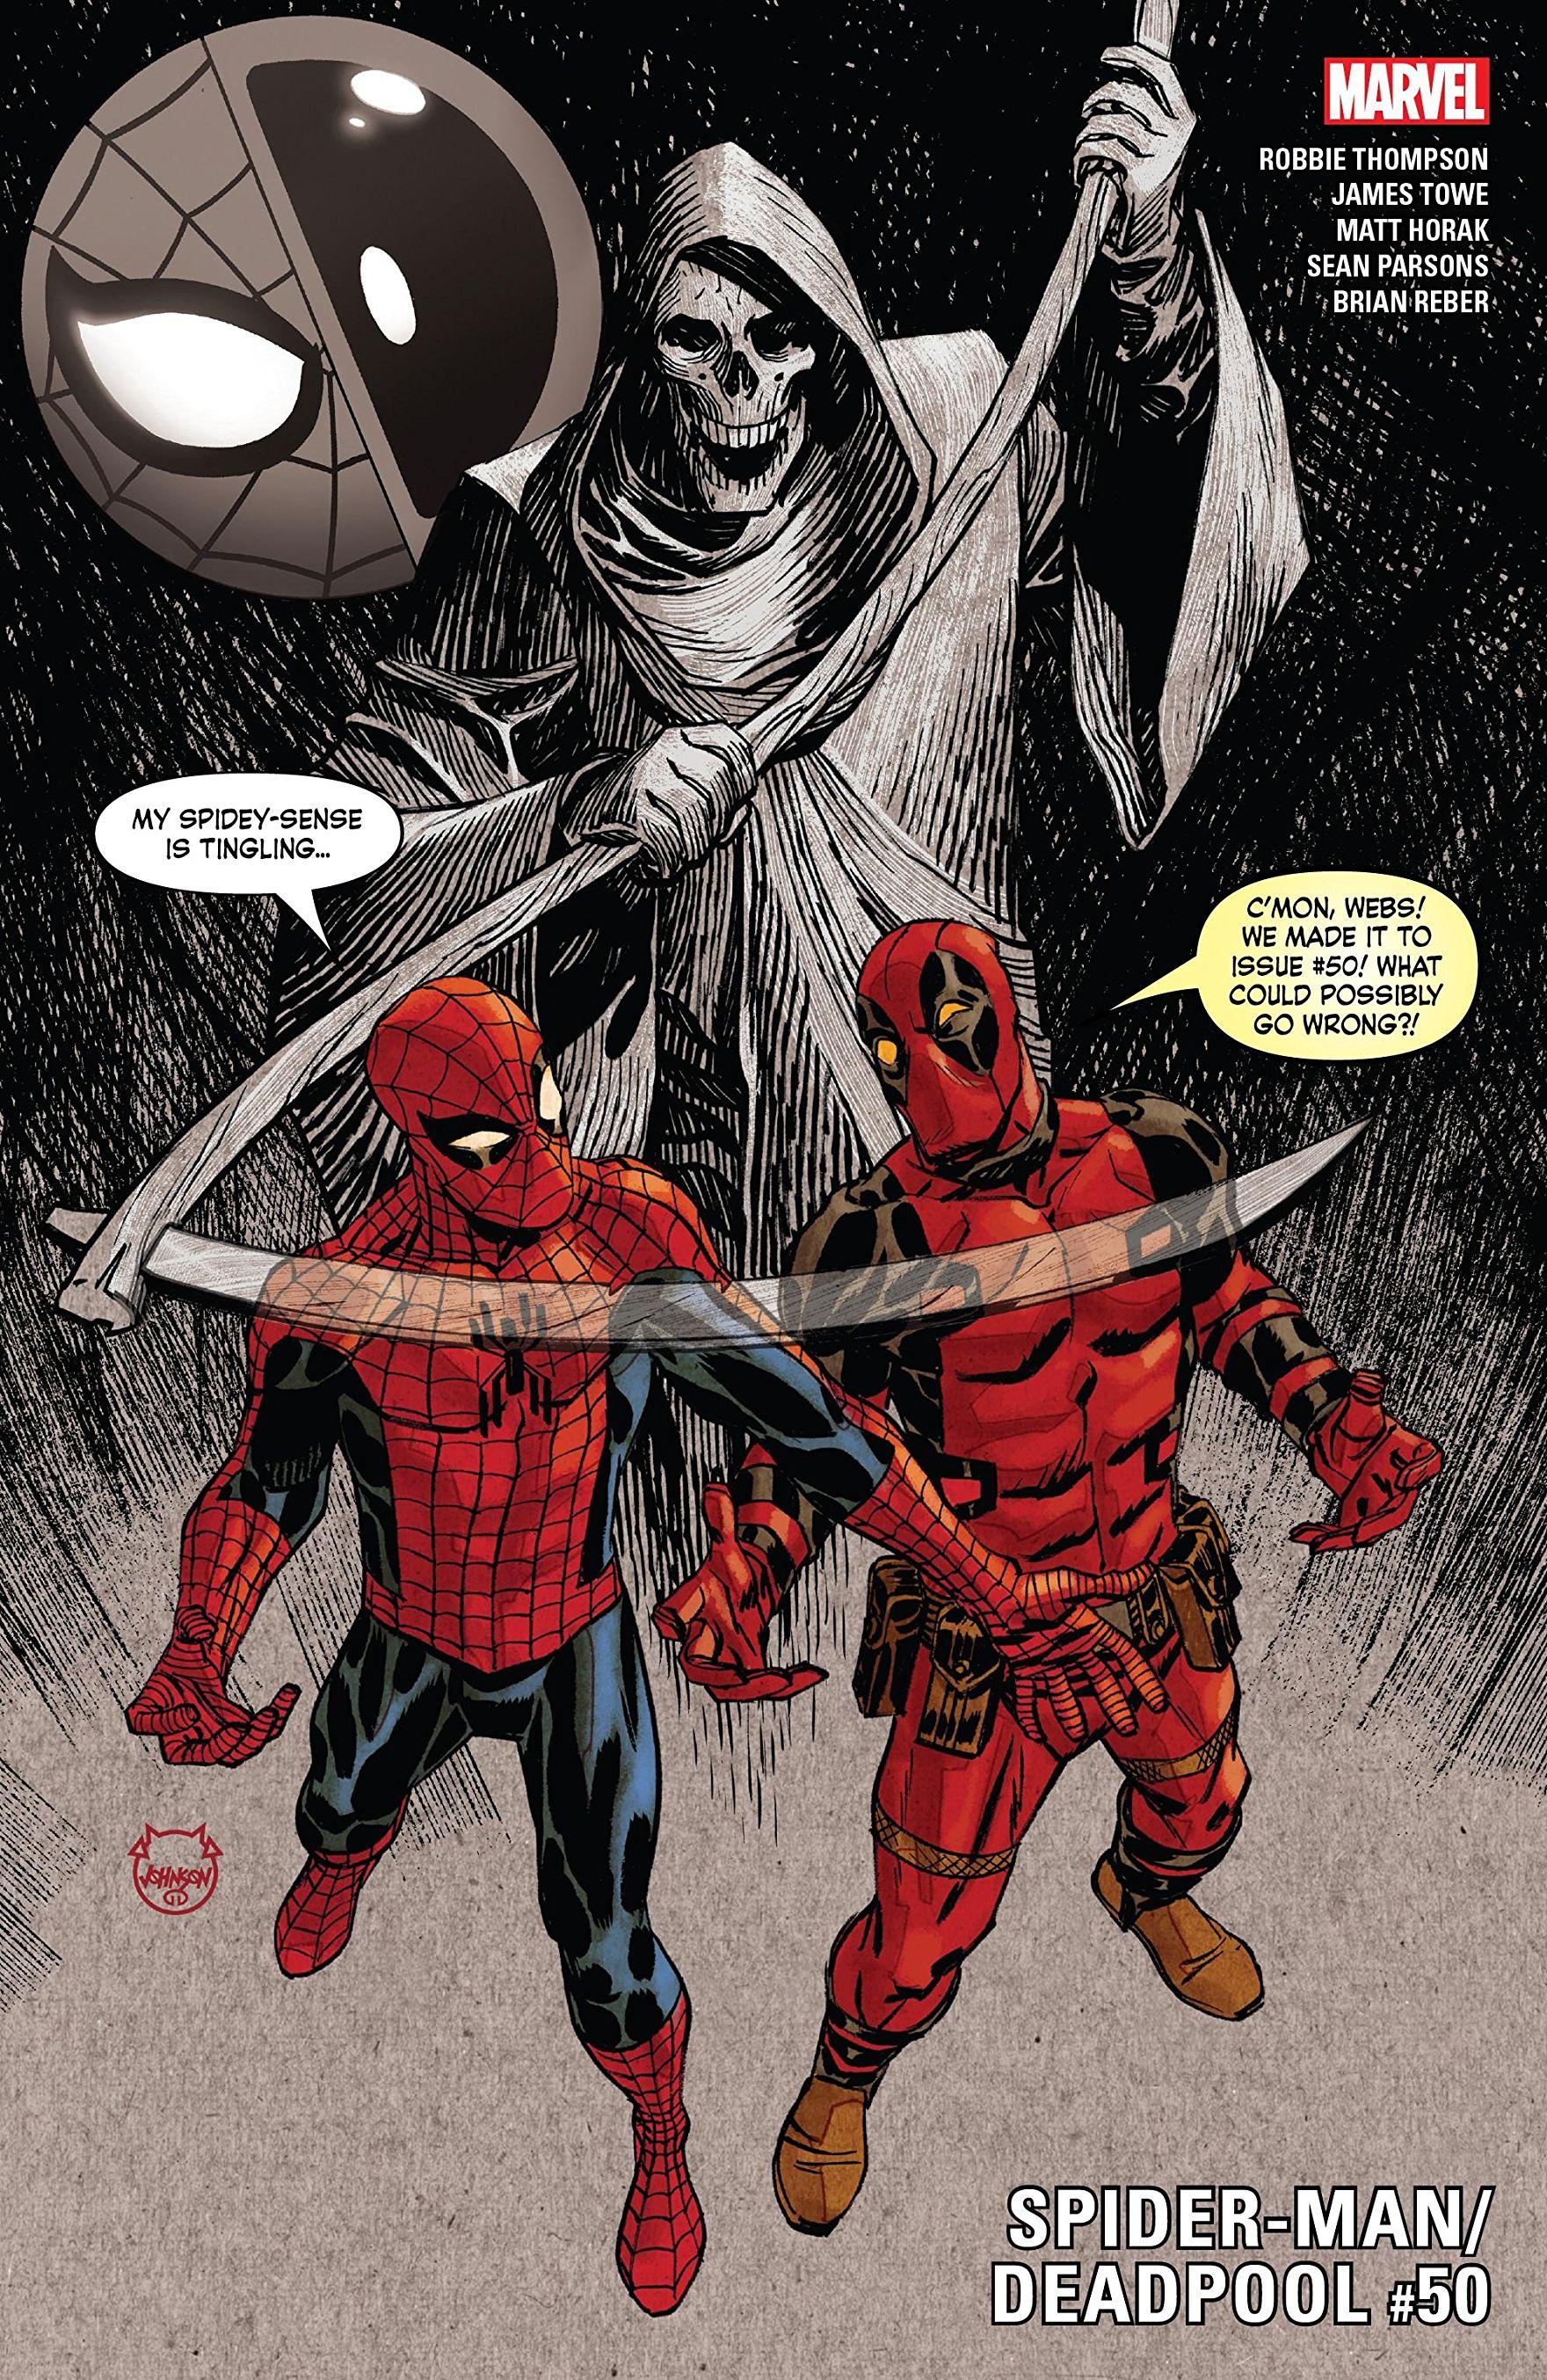 Spider-Man Deadpool Vol 1 50.jpg